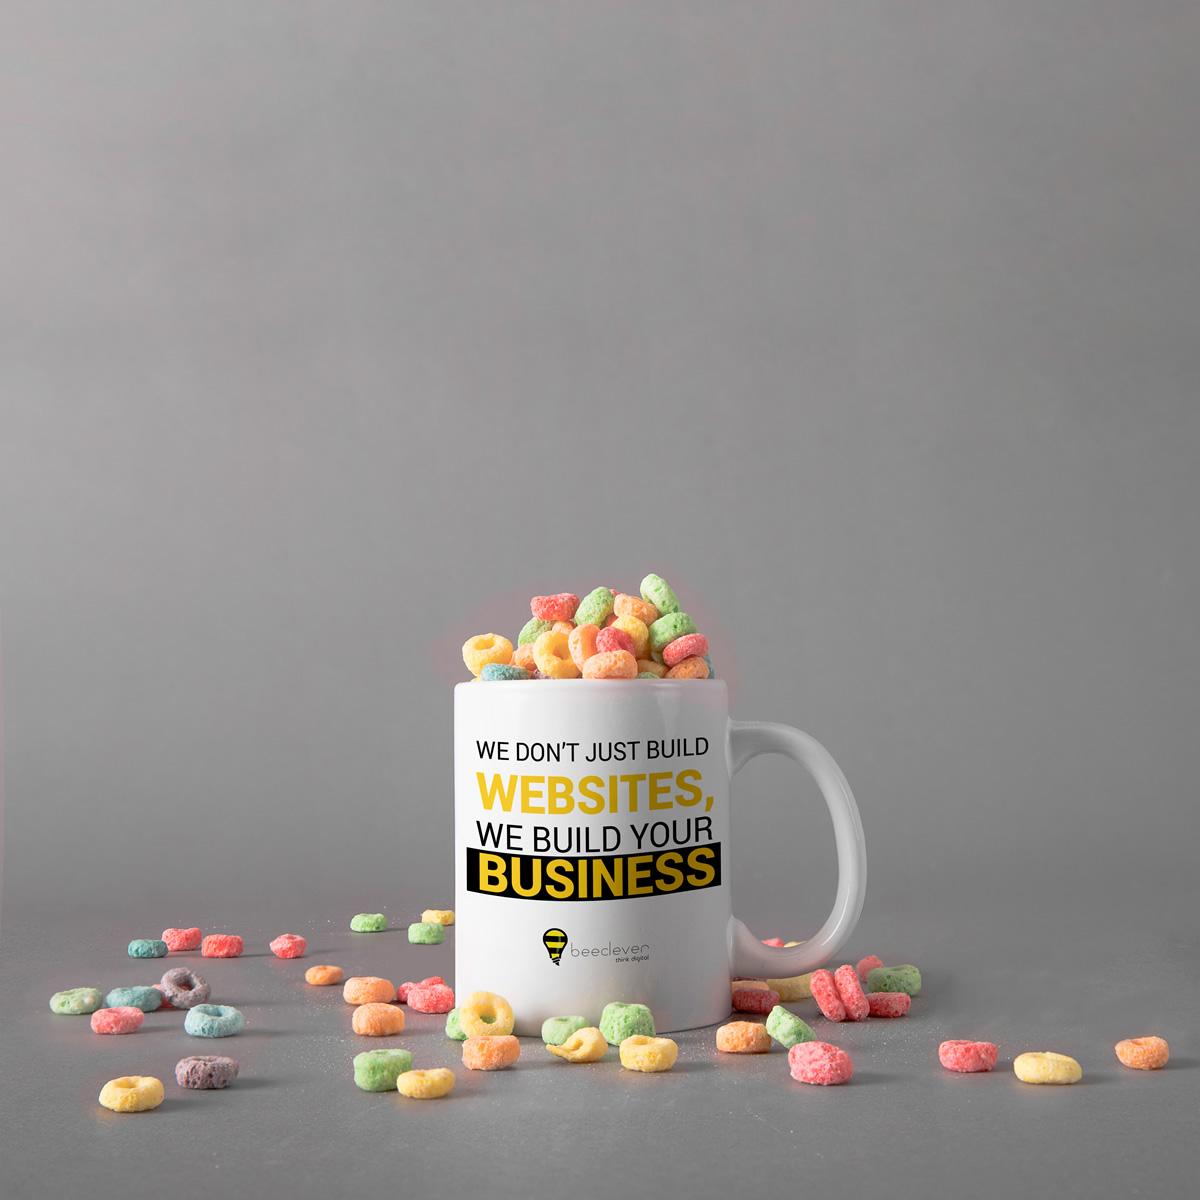 beeclever mug